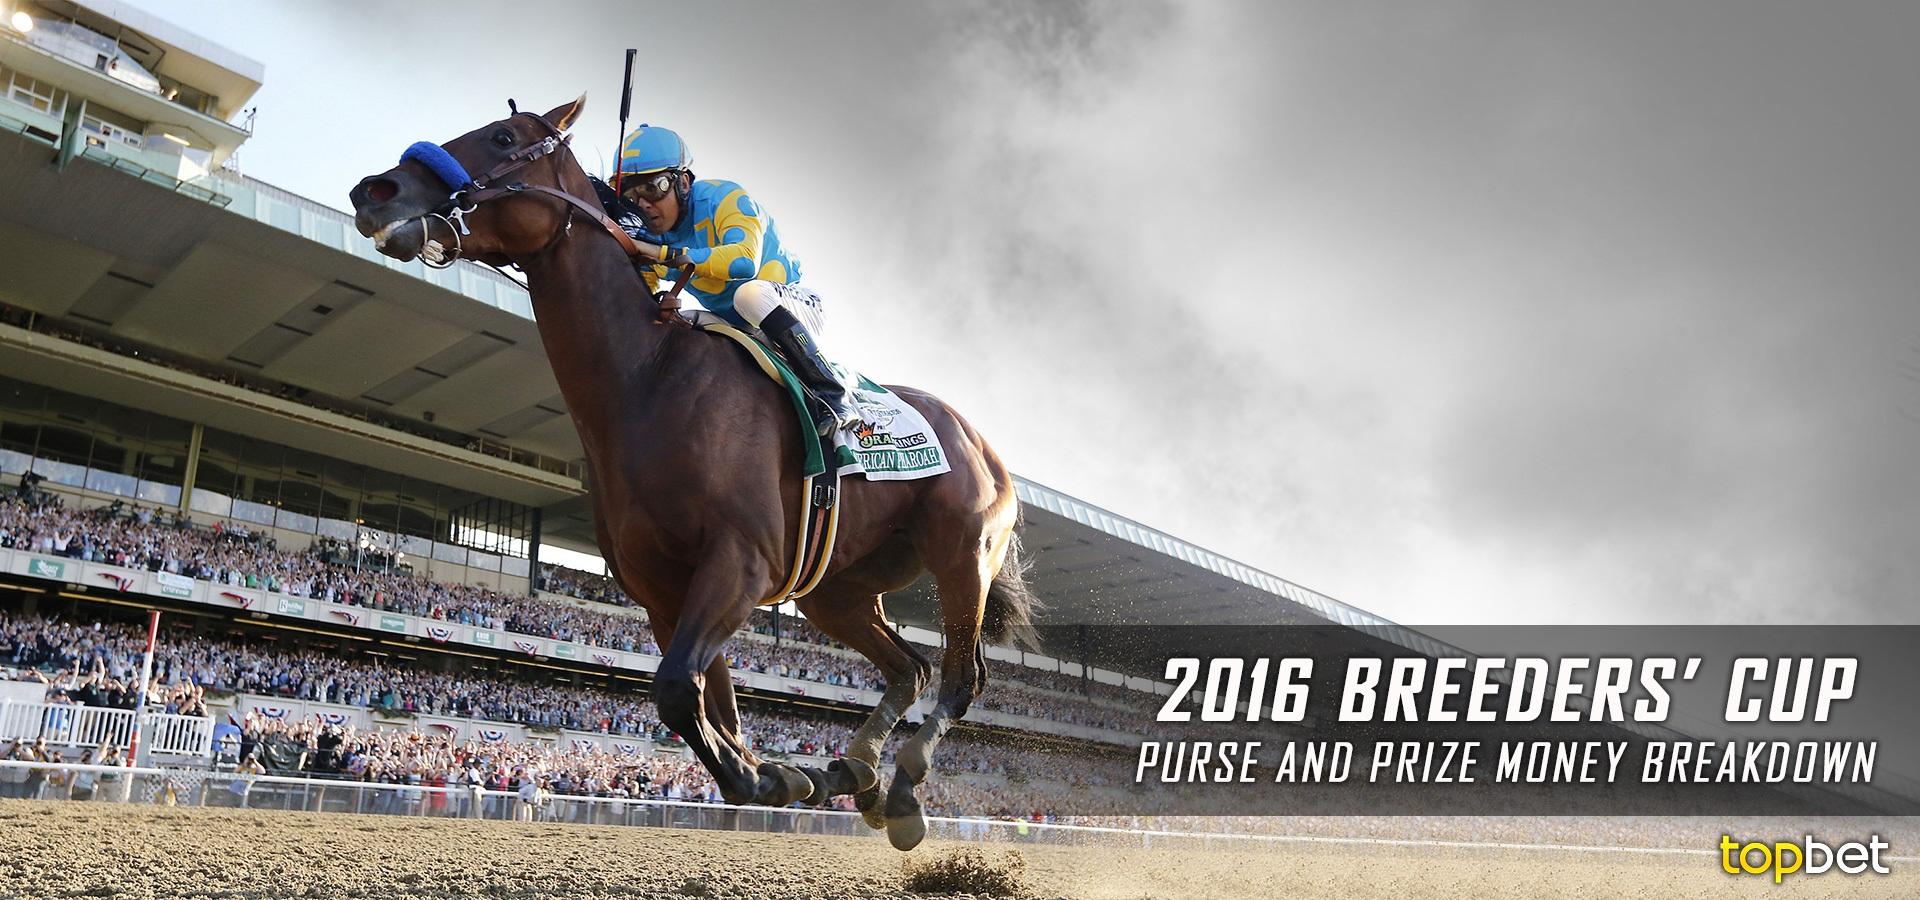 2016 Breeders Cup Purse Prize Money Breakdown